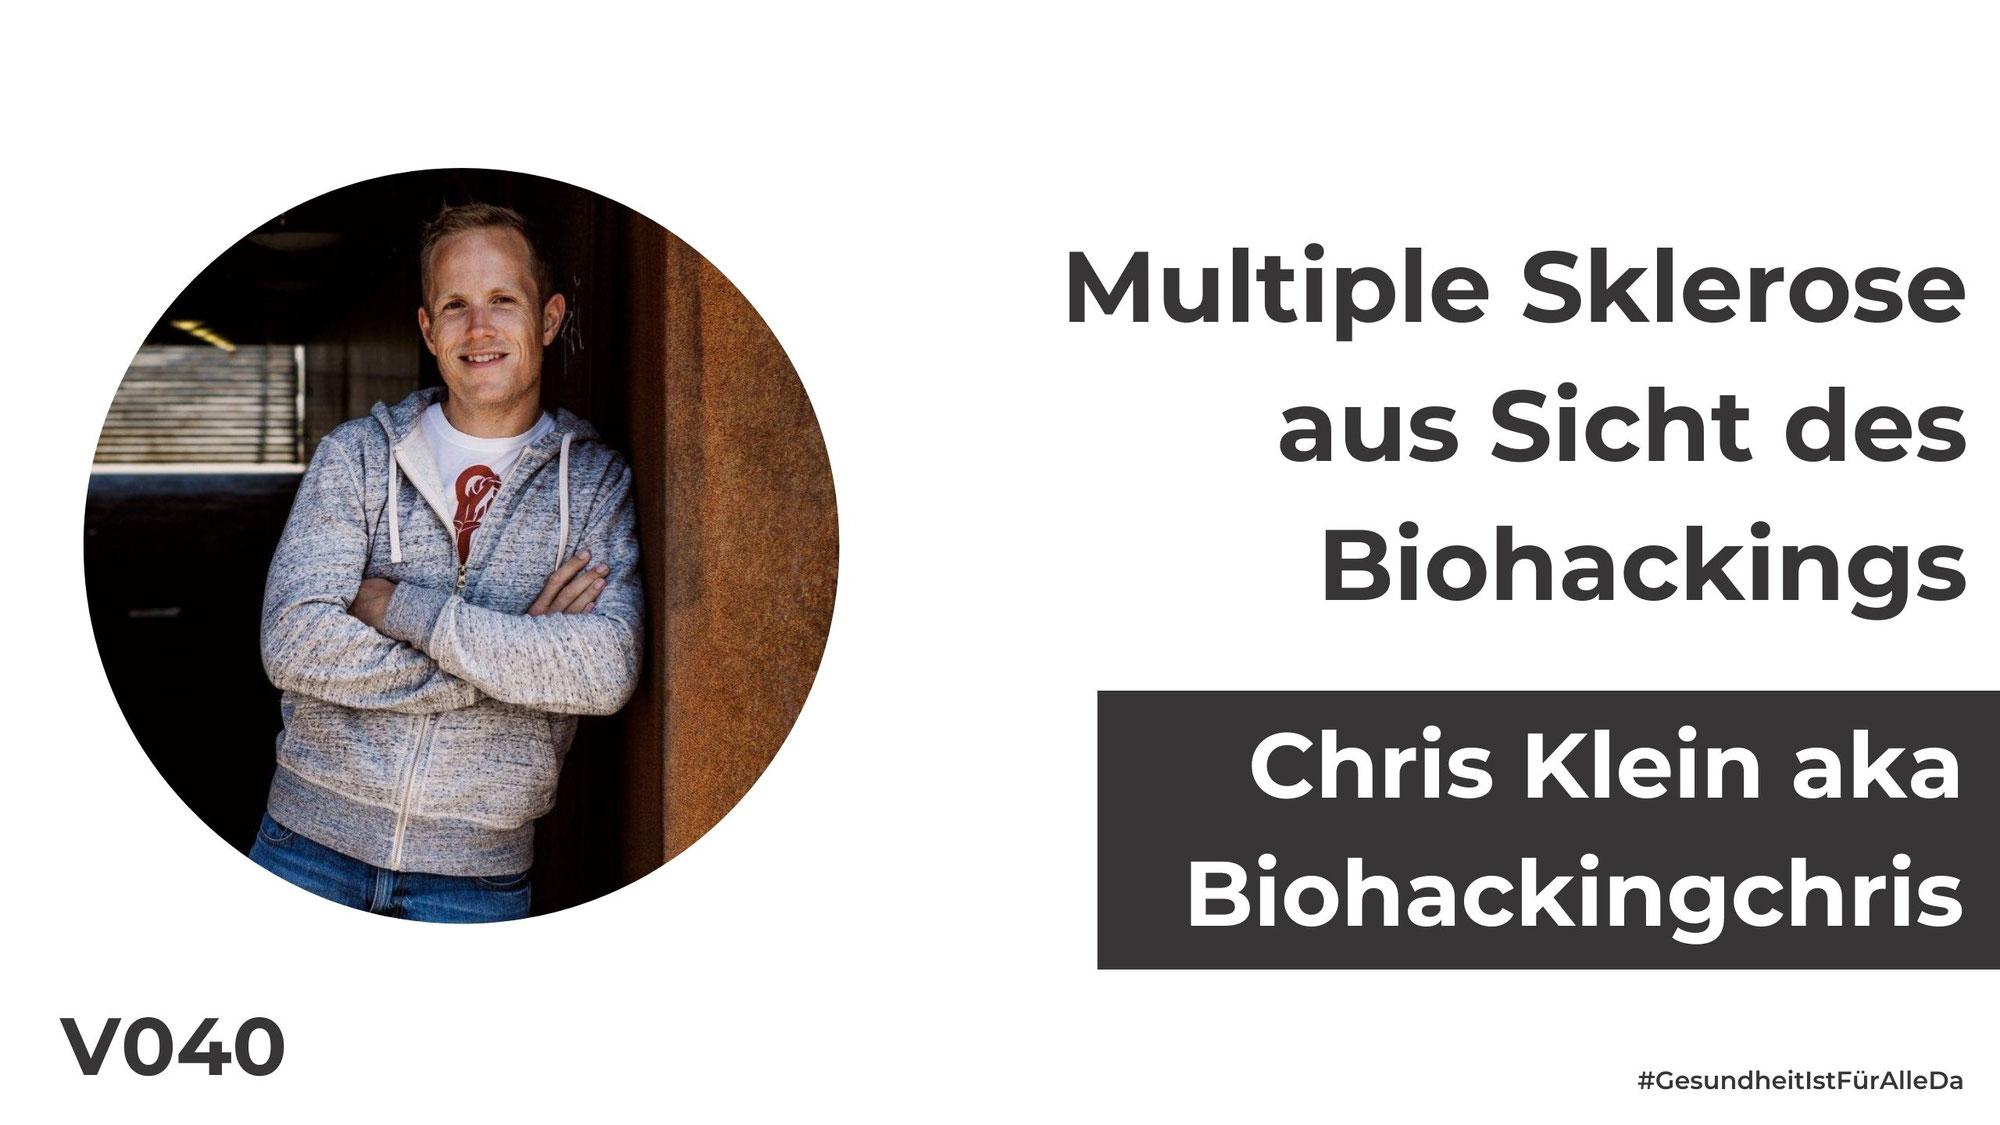 Chris Klein aka Biohackingchris